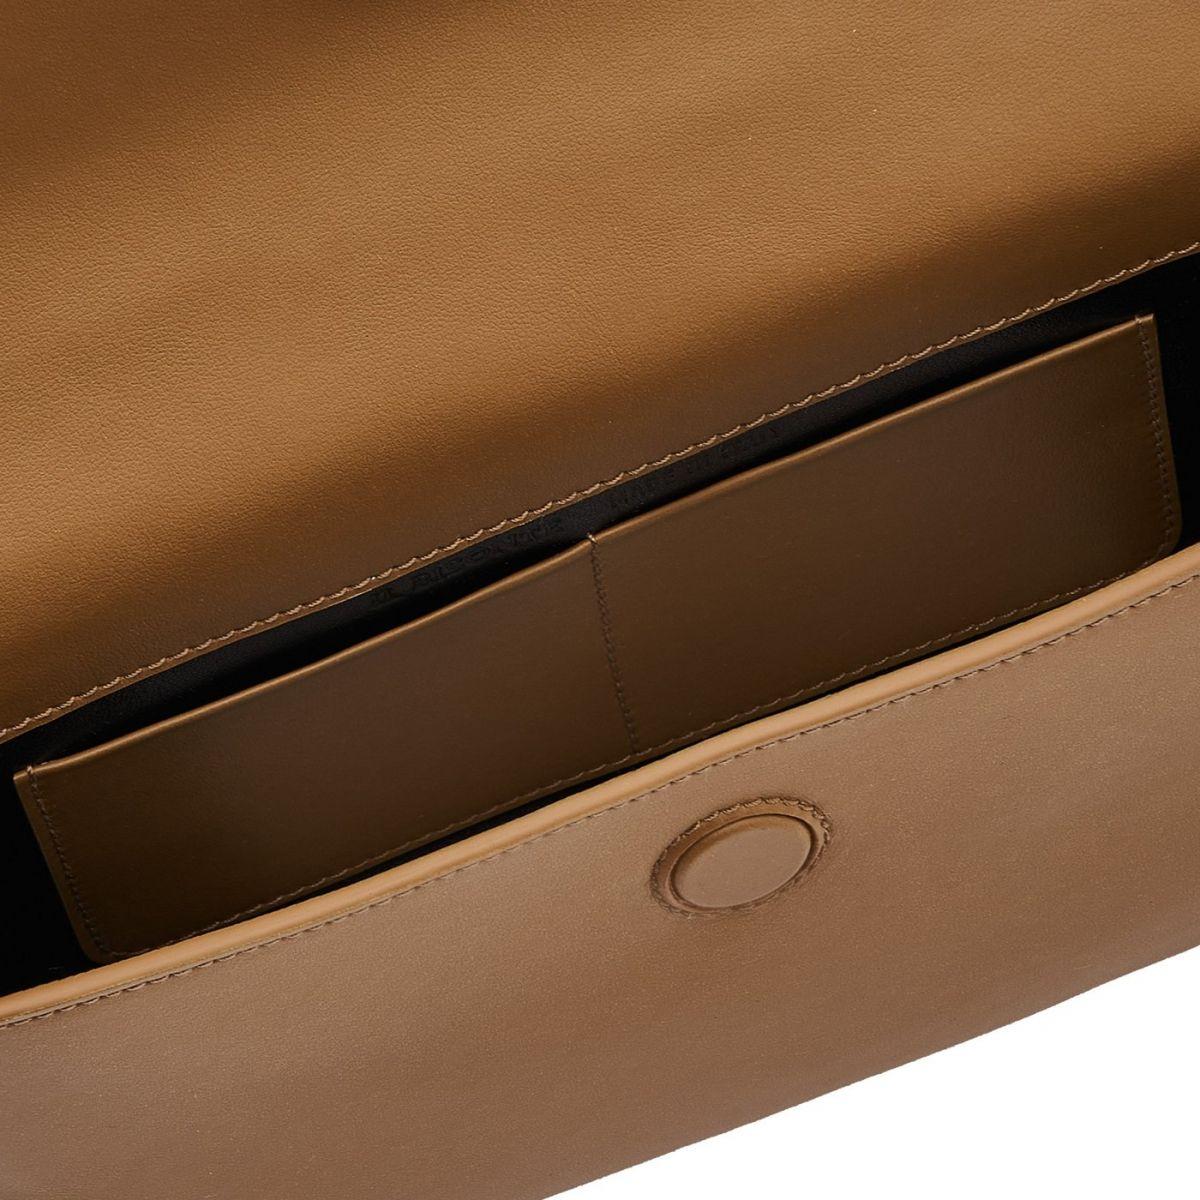 Baggu - Crossbody Bag in Calf Leather color Olive - New Nomad line BCR224 | Details